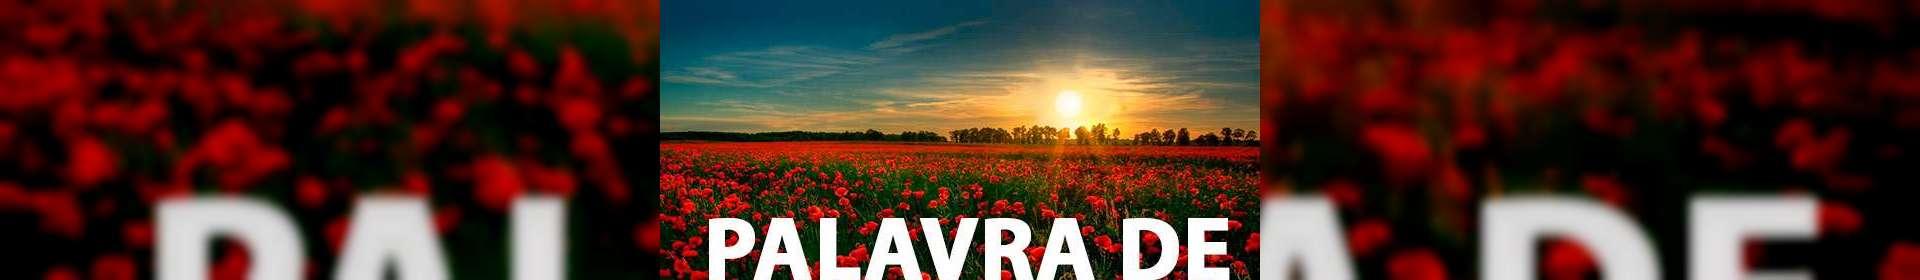 Salmos 32:7 - Uma Palavra de Esperança para sua vida